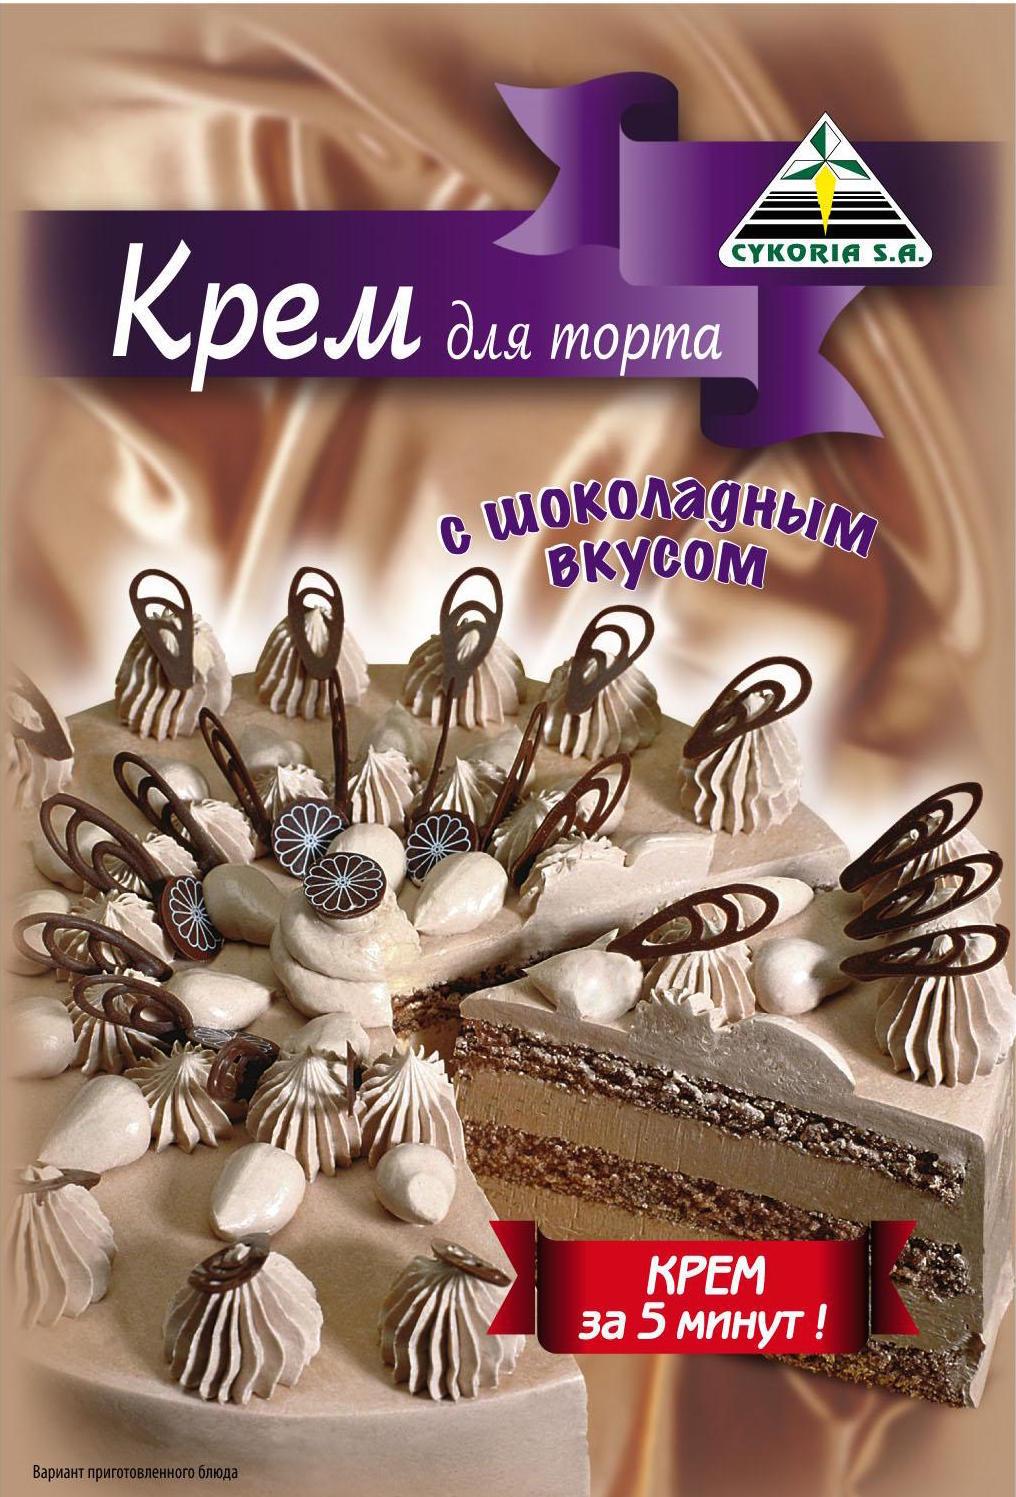 Крем для торта с шоколадным вкусом, 100 гр.